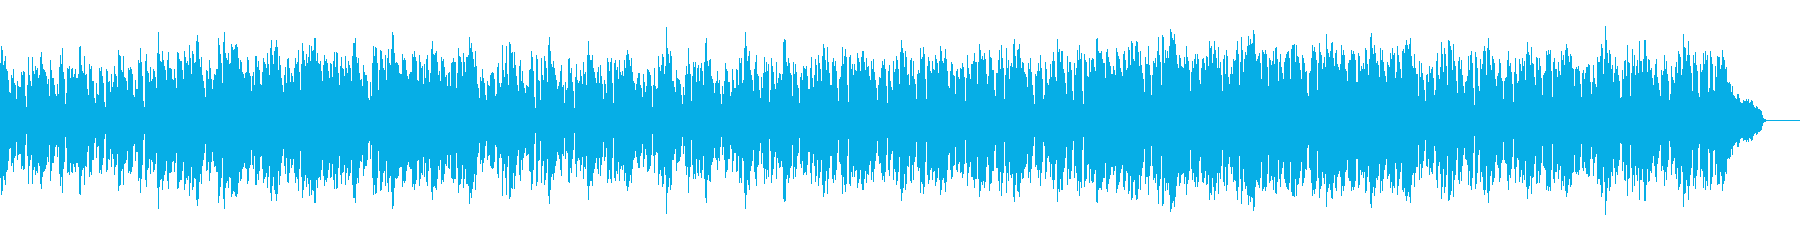 オシャレなボサノバ・カフェミュージックの再生済みの波形